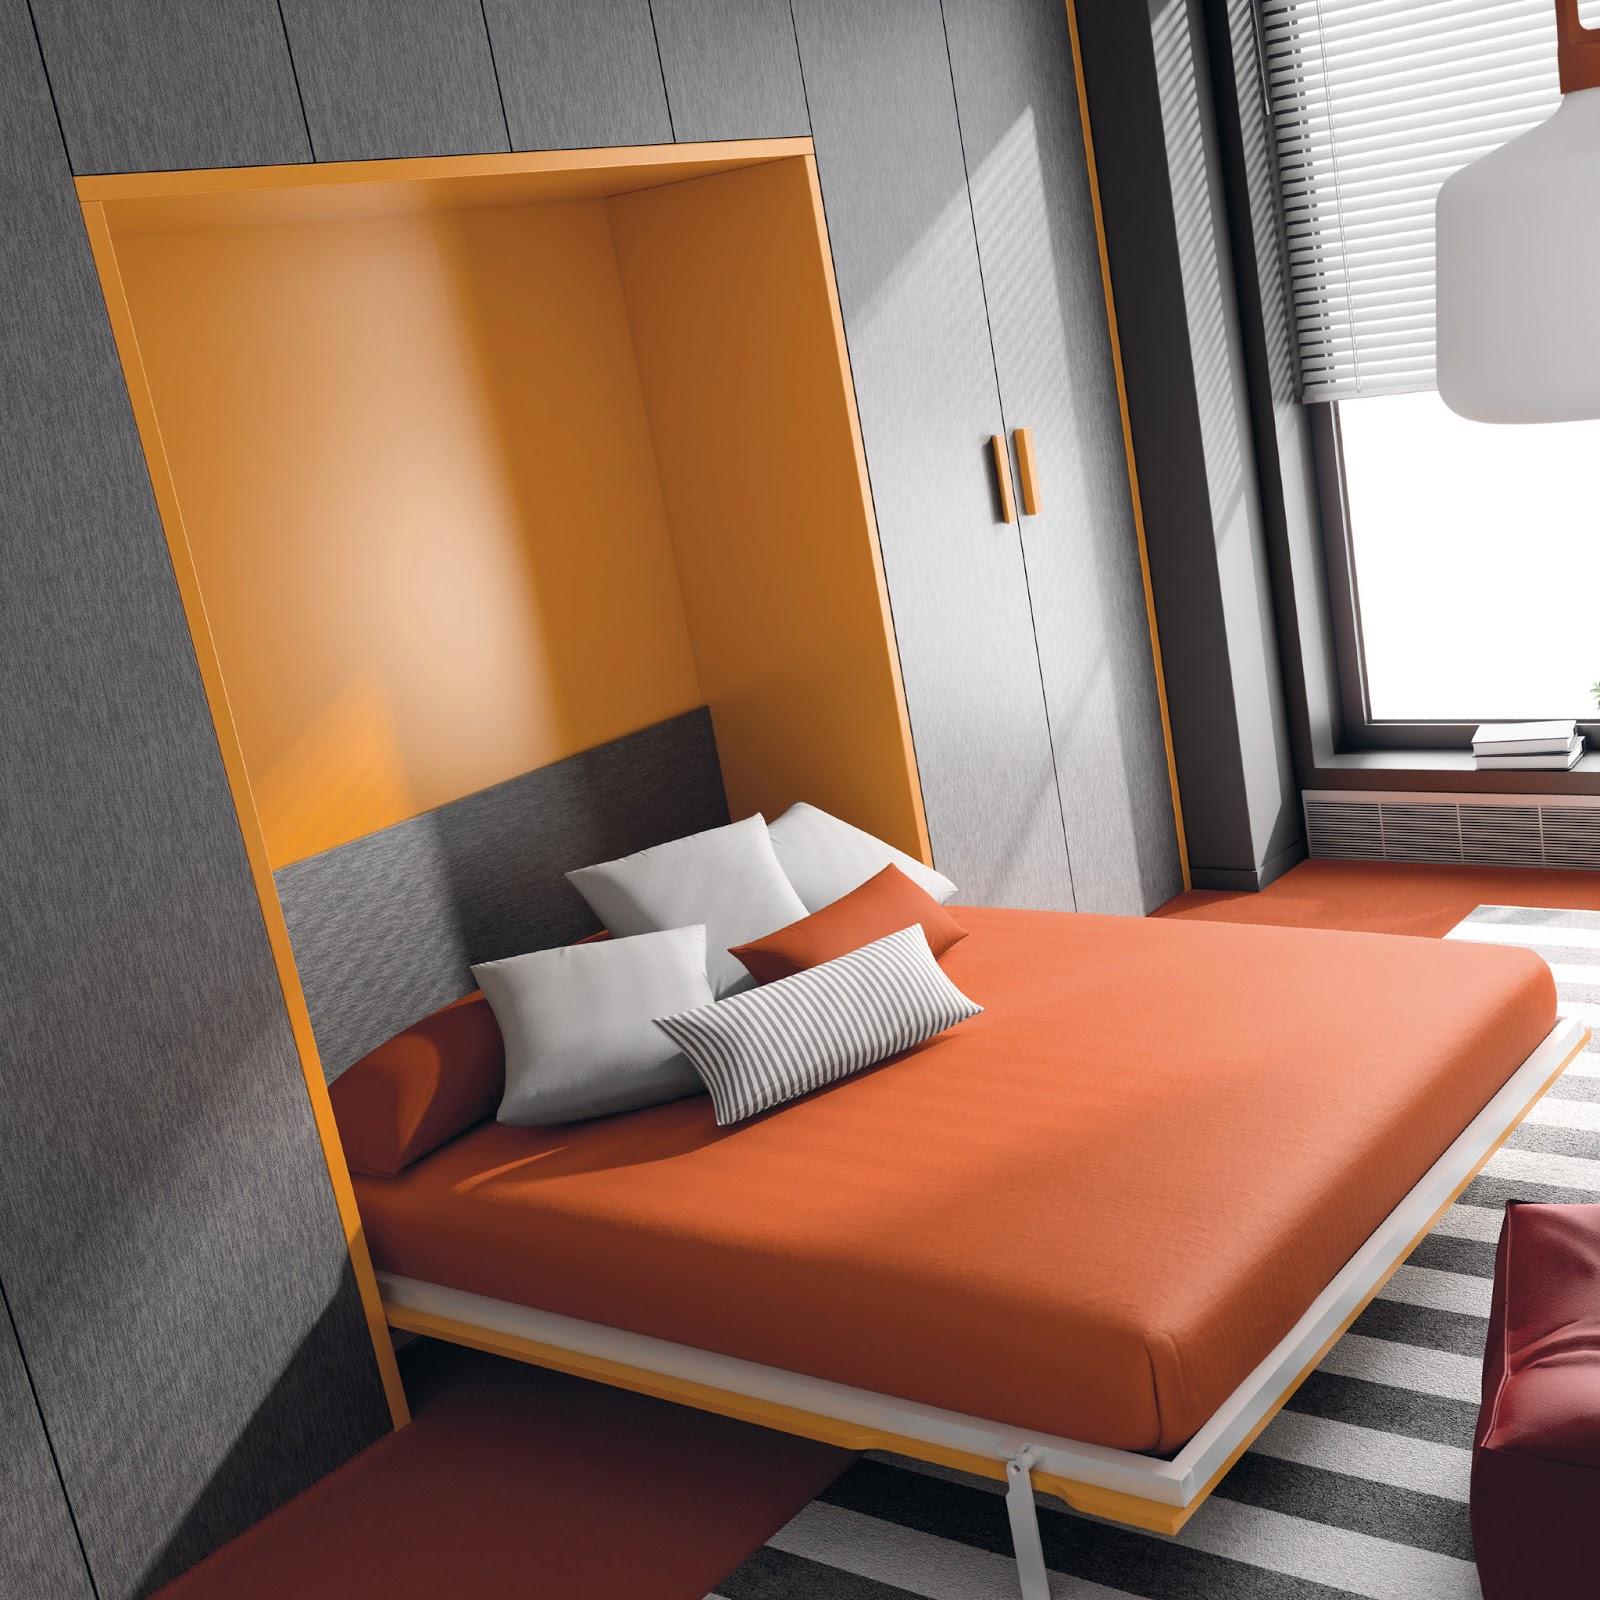 Muebles ros sal del armario y t rate a la cama for Muebles ballesta baza